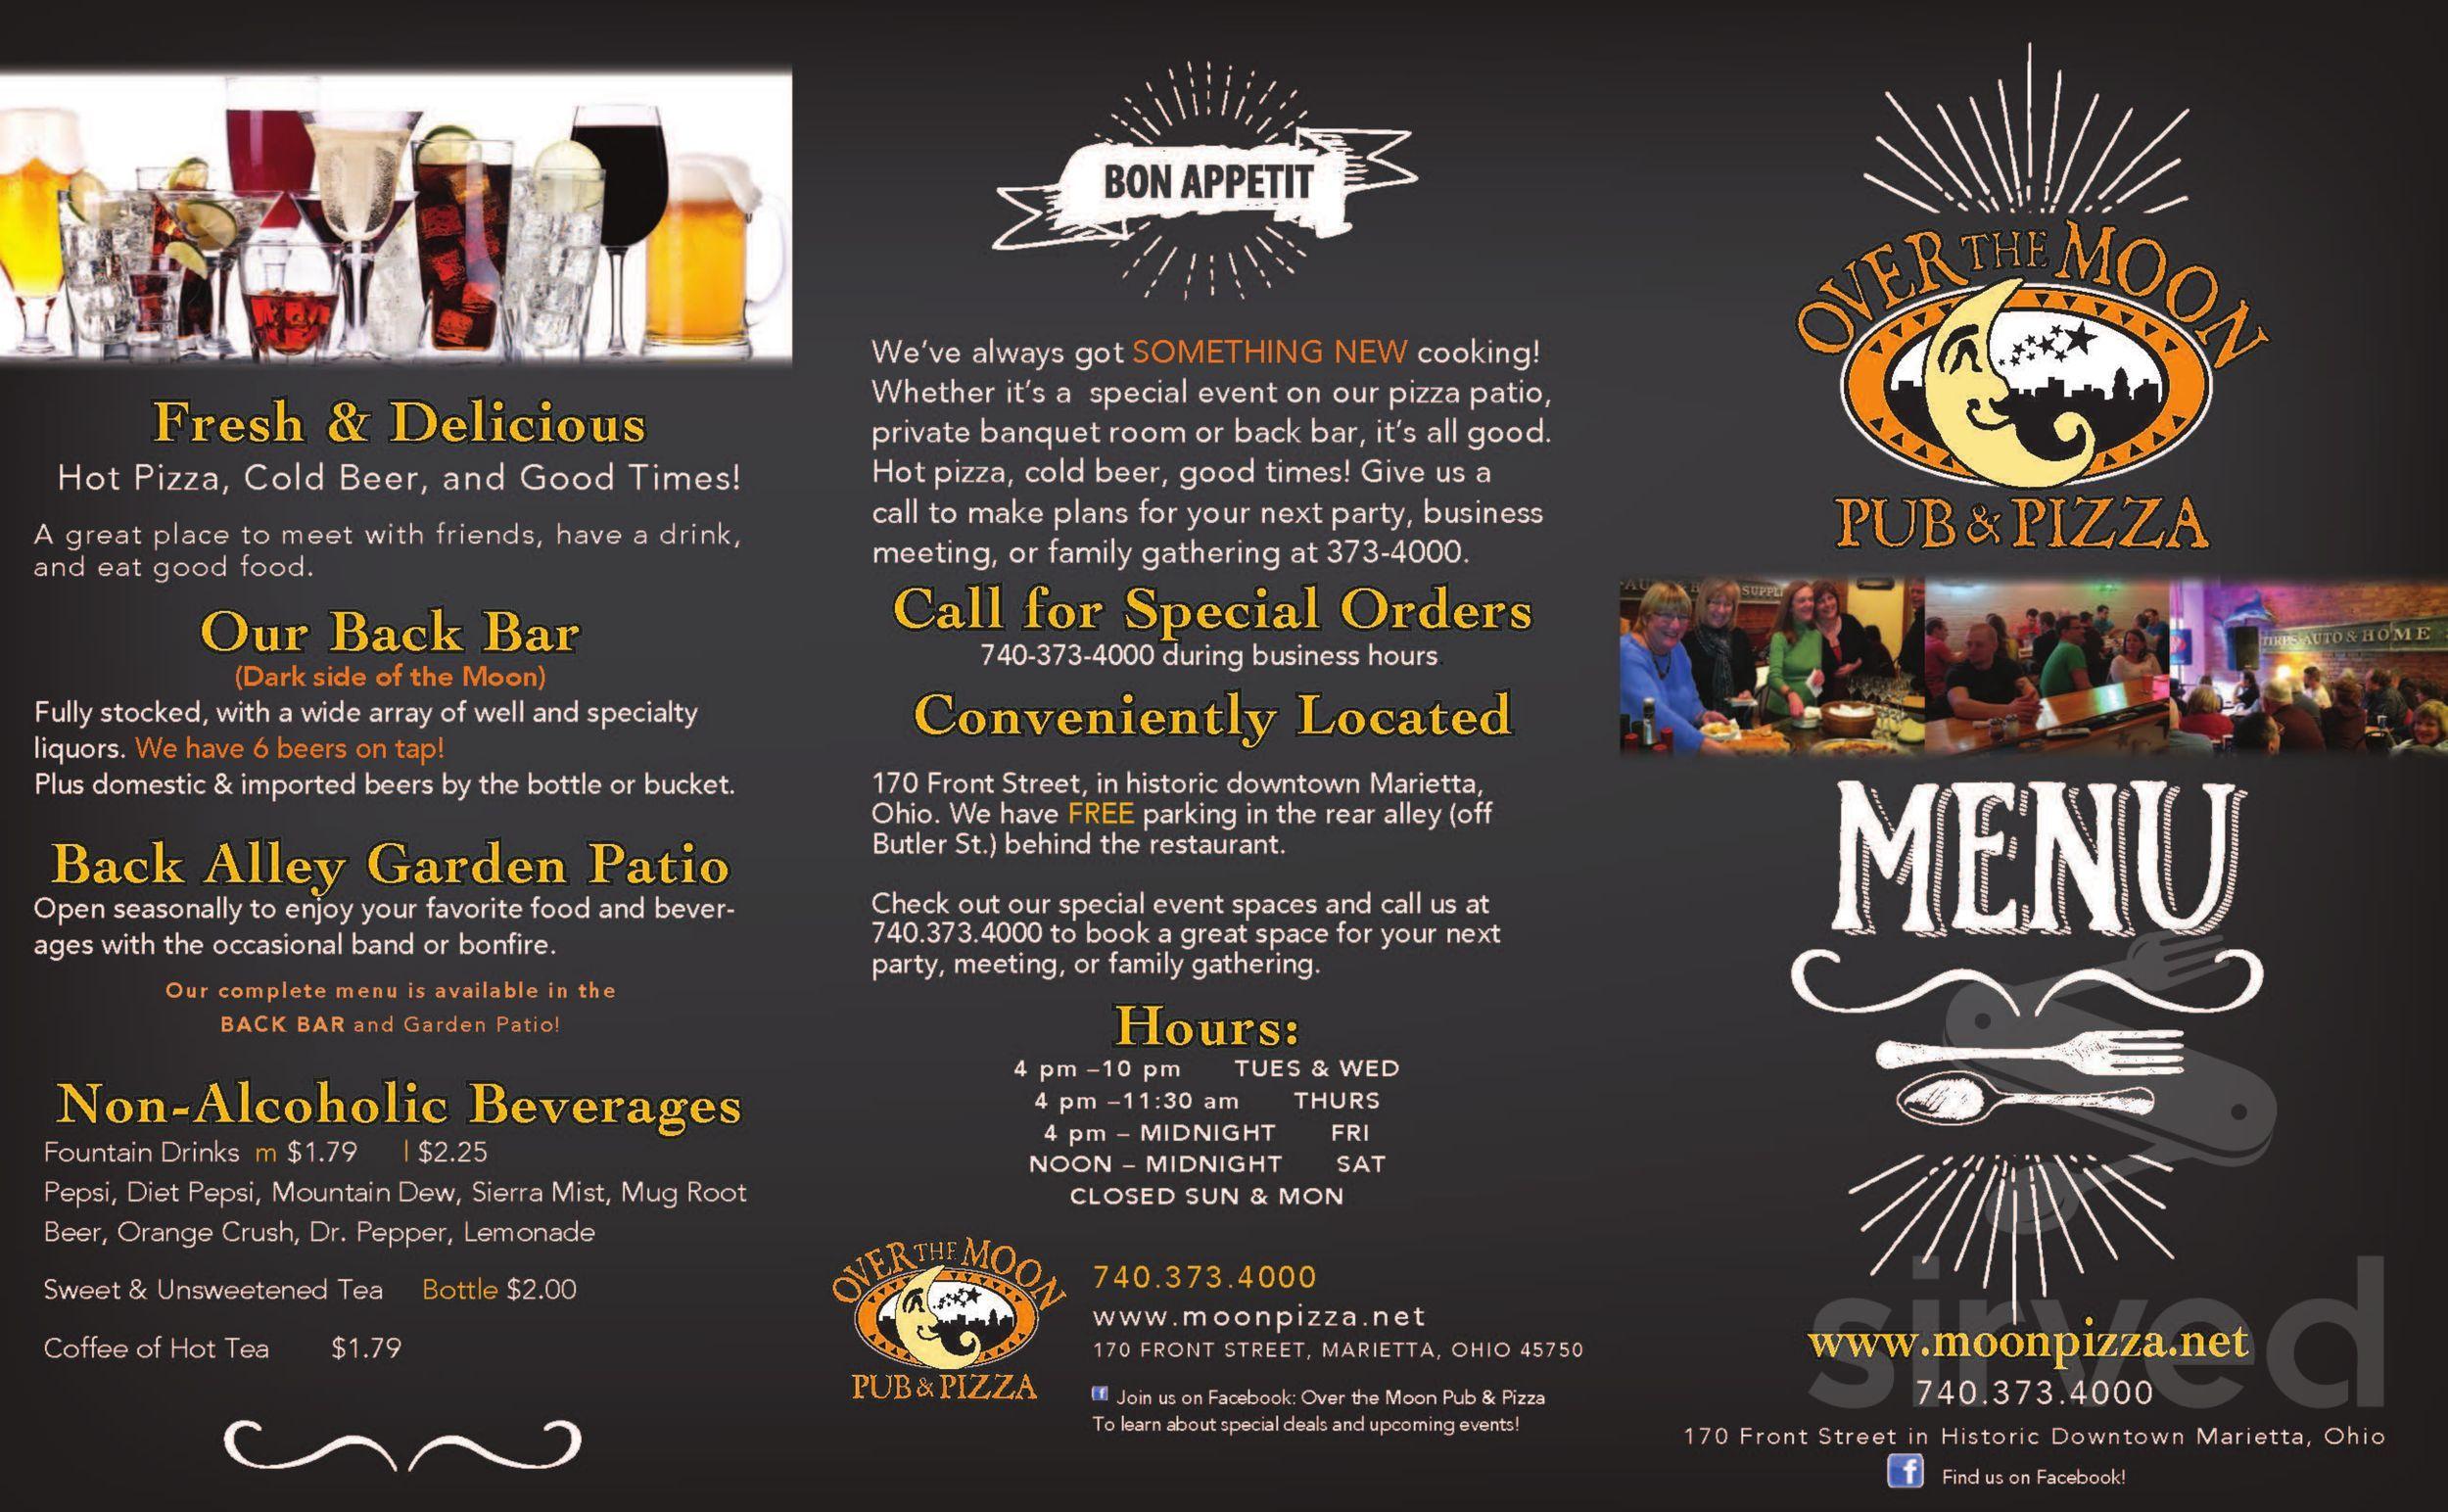 Menu for Over the Moon Pub & Pizza in Marietta, Ohio, USA